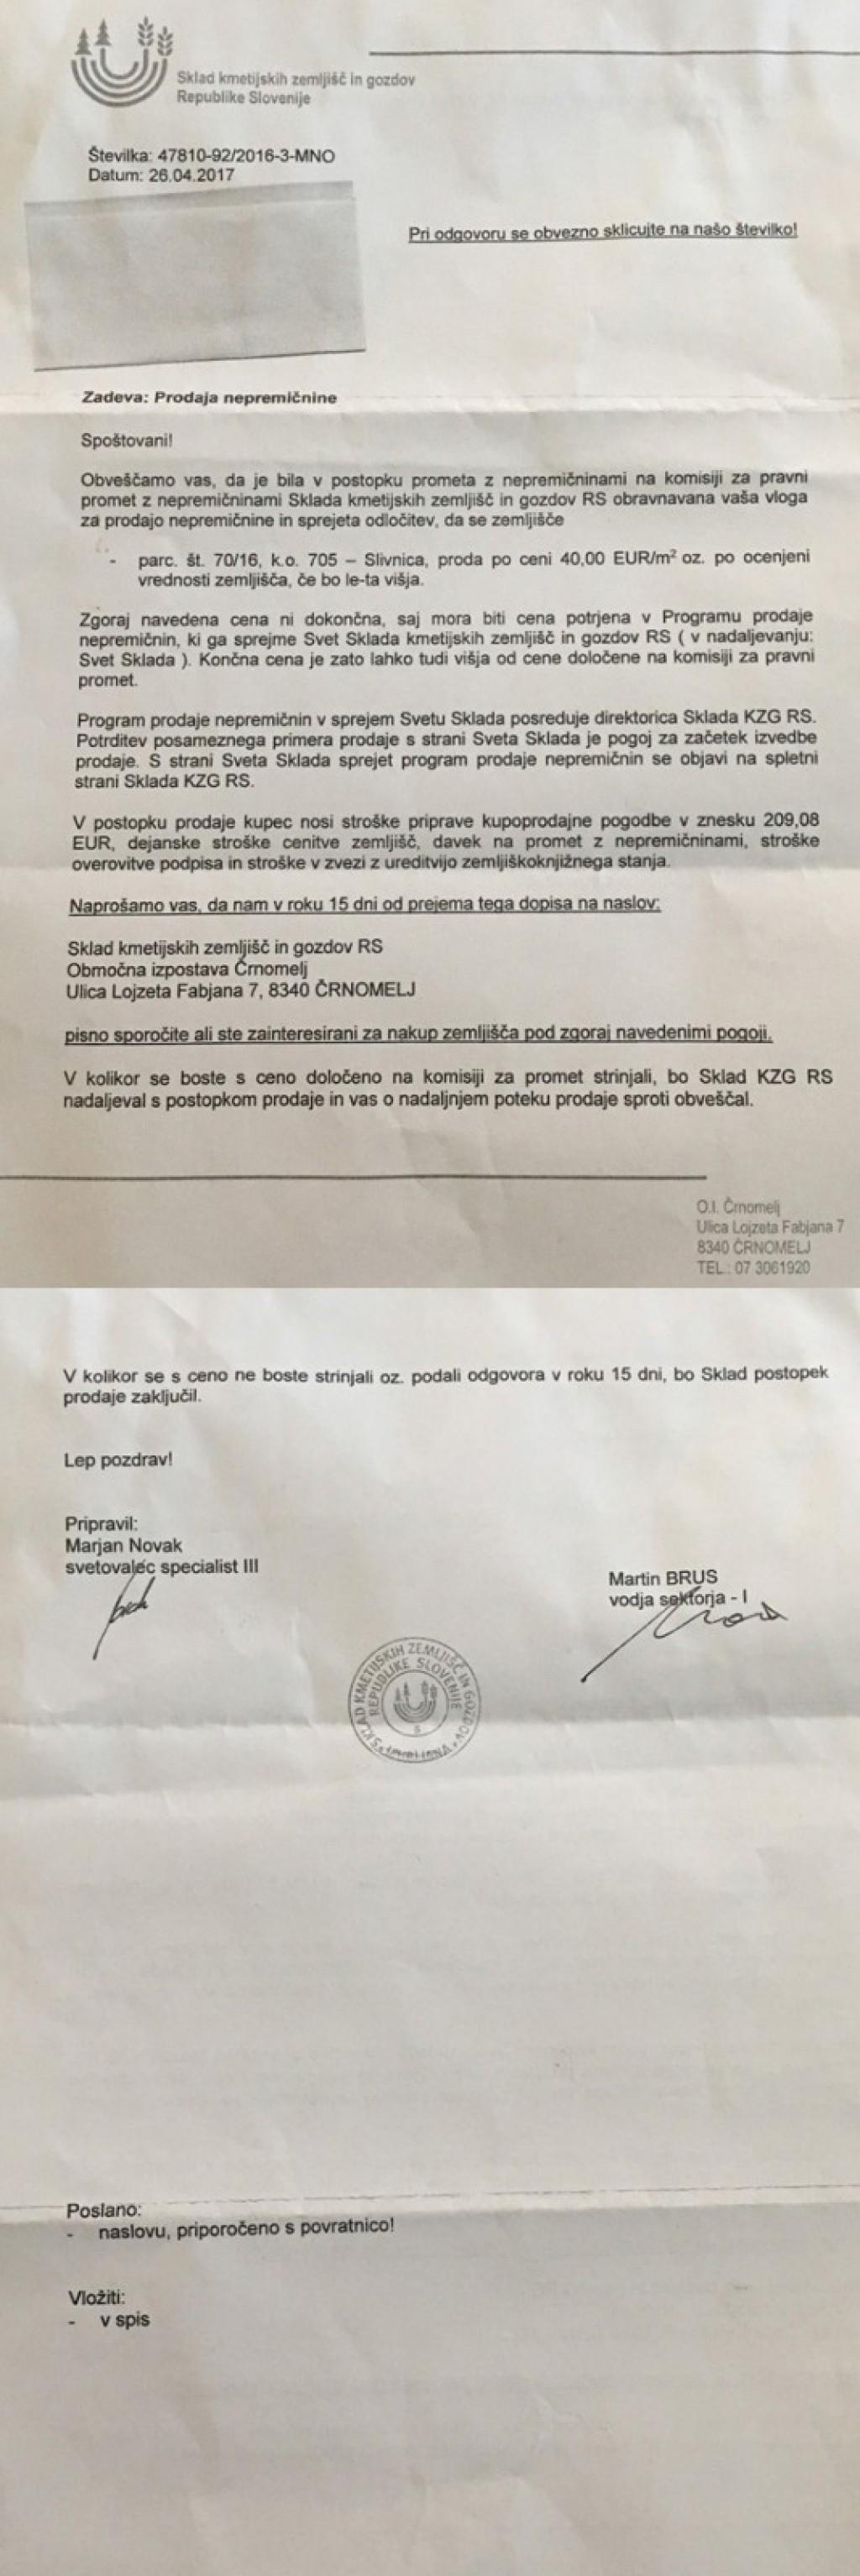 Zelo umazana zgodba: Cerarjeva vlada prek Sklada kmetijskih zemljišč in gozdov Republike Slovenije zemljo hoškim kmetom prodaja za 40 evrov, za potrebe Magne Steyr pa od hoških kmetov zemljo odkupuje po 6,5 evrov na kvadratni meter - pod grožnjami prisilne razlastitve (za povečavo kliknite na sliko)!<br>